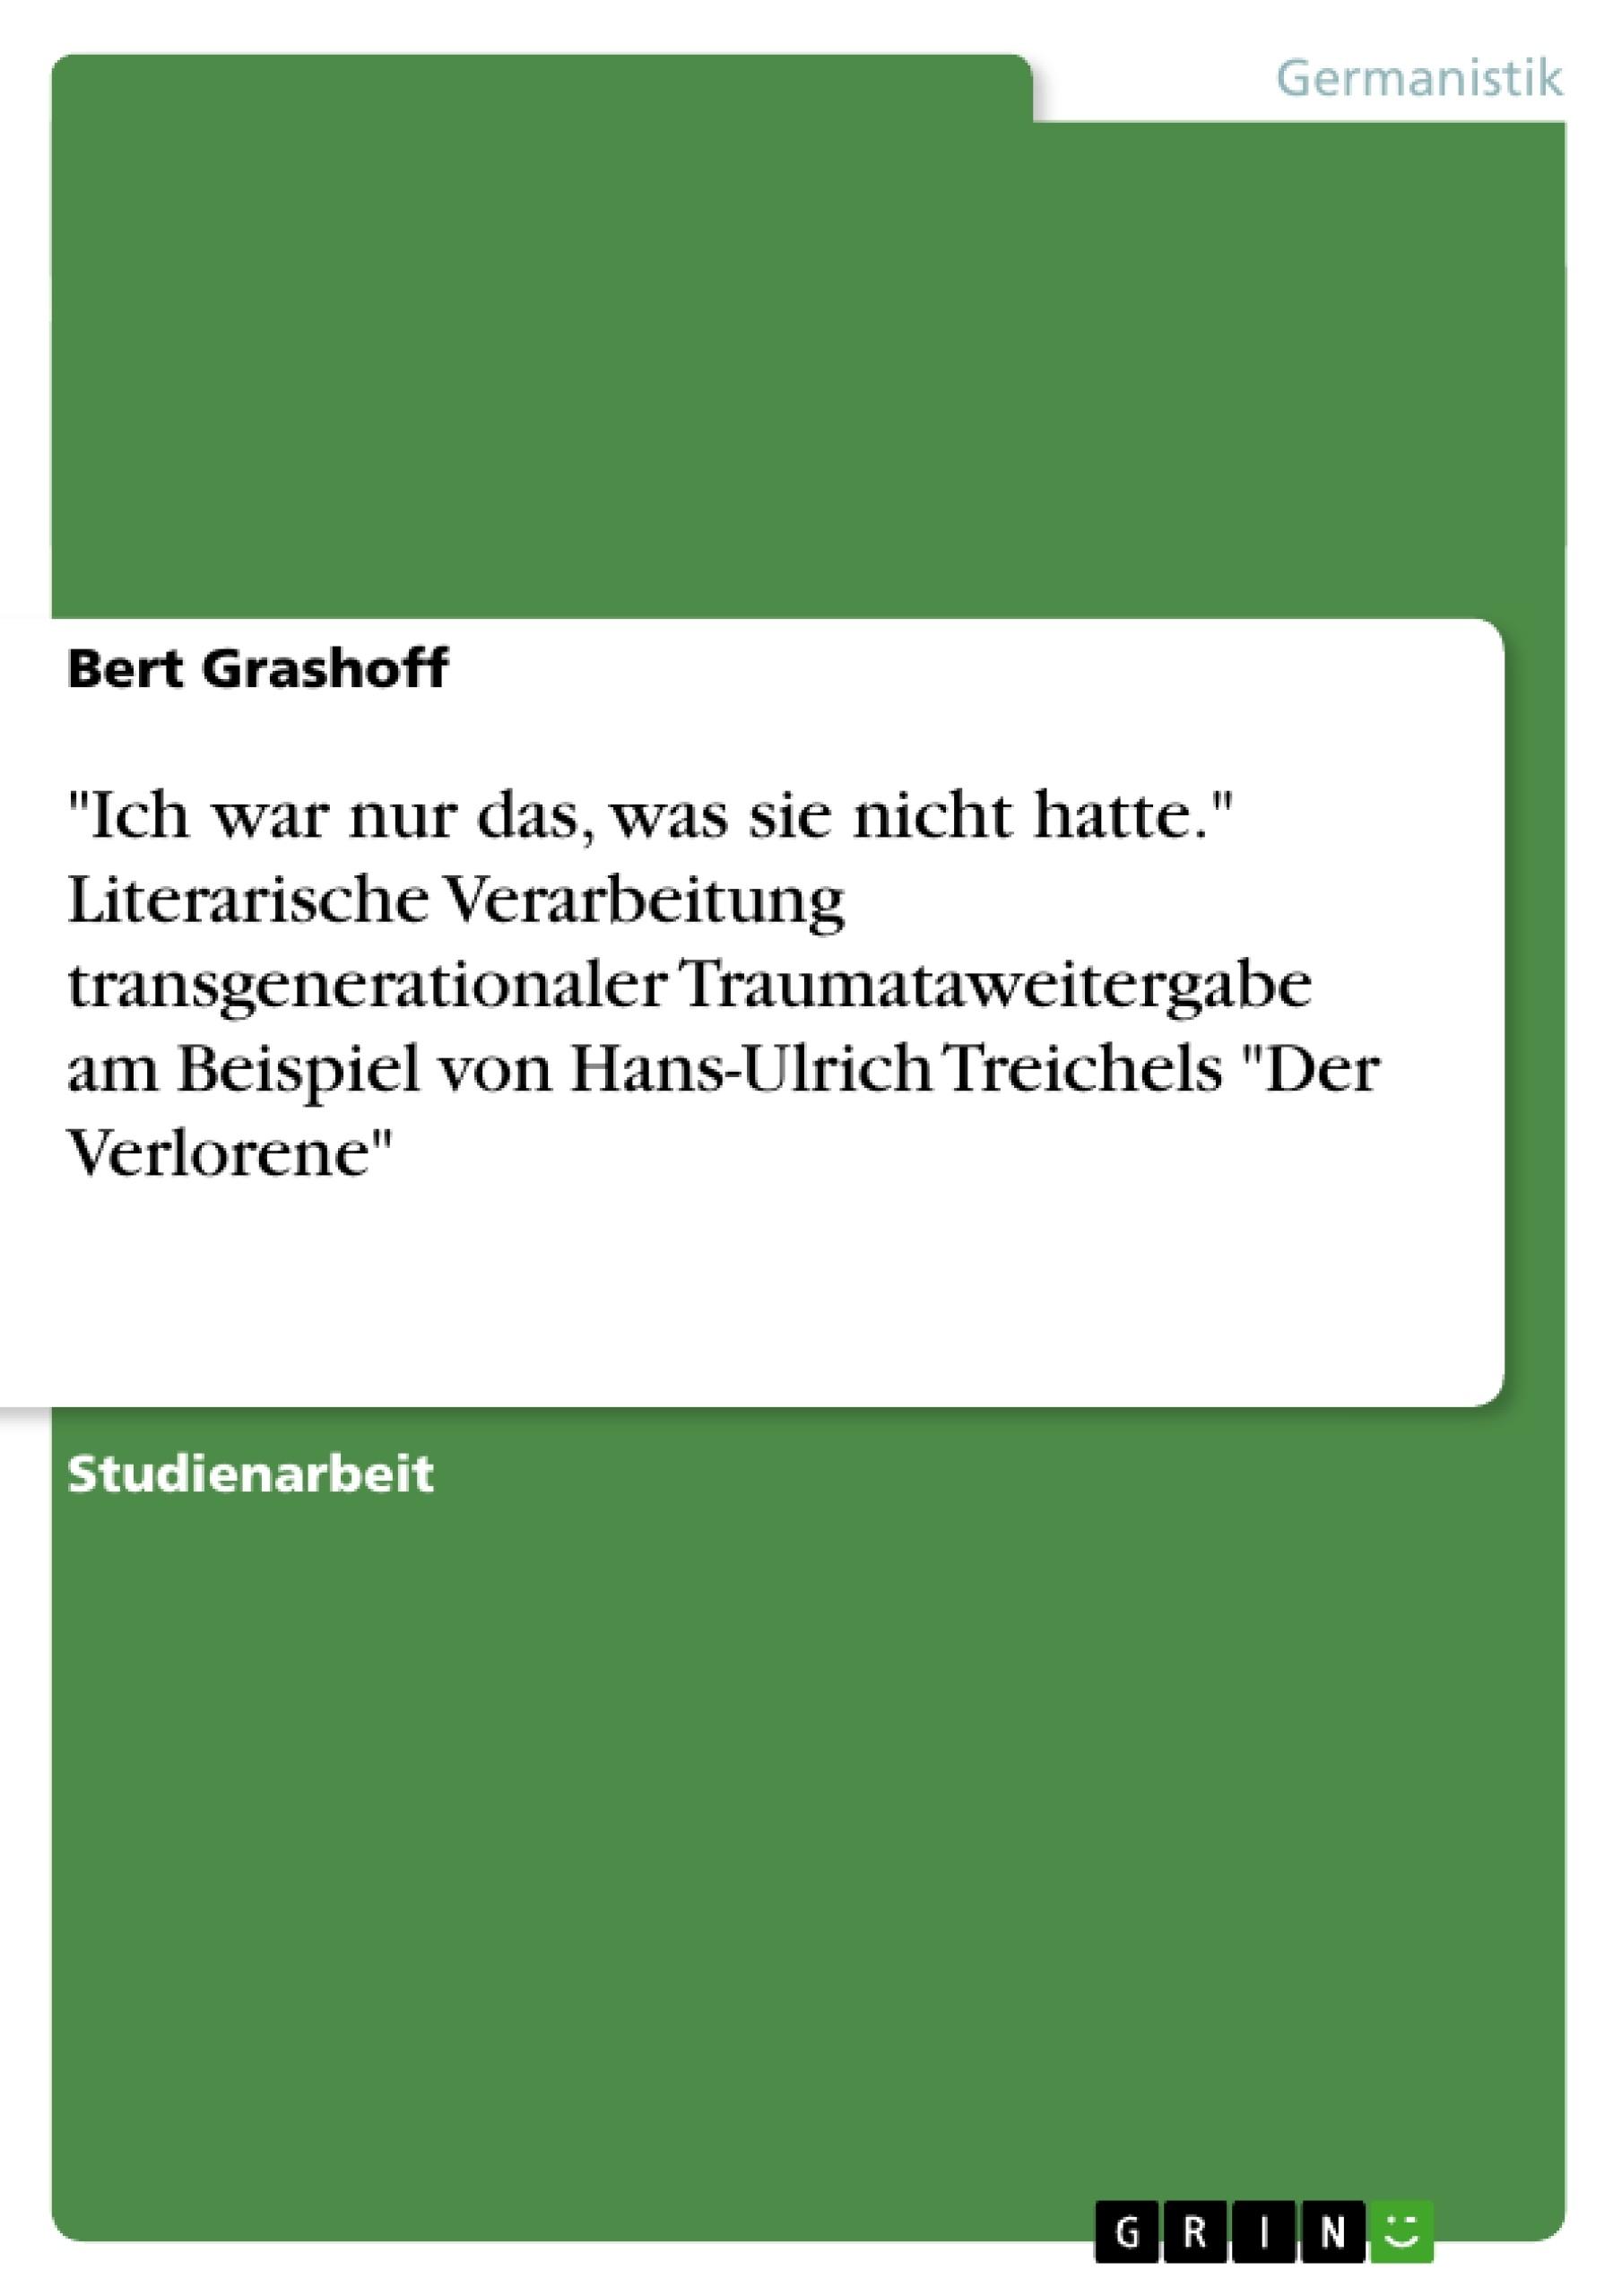 """Titel: """"Ich war nur das, was sie nicht hatte."""" Literarische Verarbeitung transgenerationaler Traumataweitergabe am Beispiel von Hans-Ulrich Treichels """"Der Verlorene"""""""